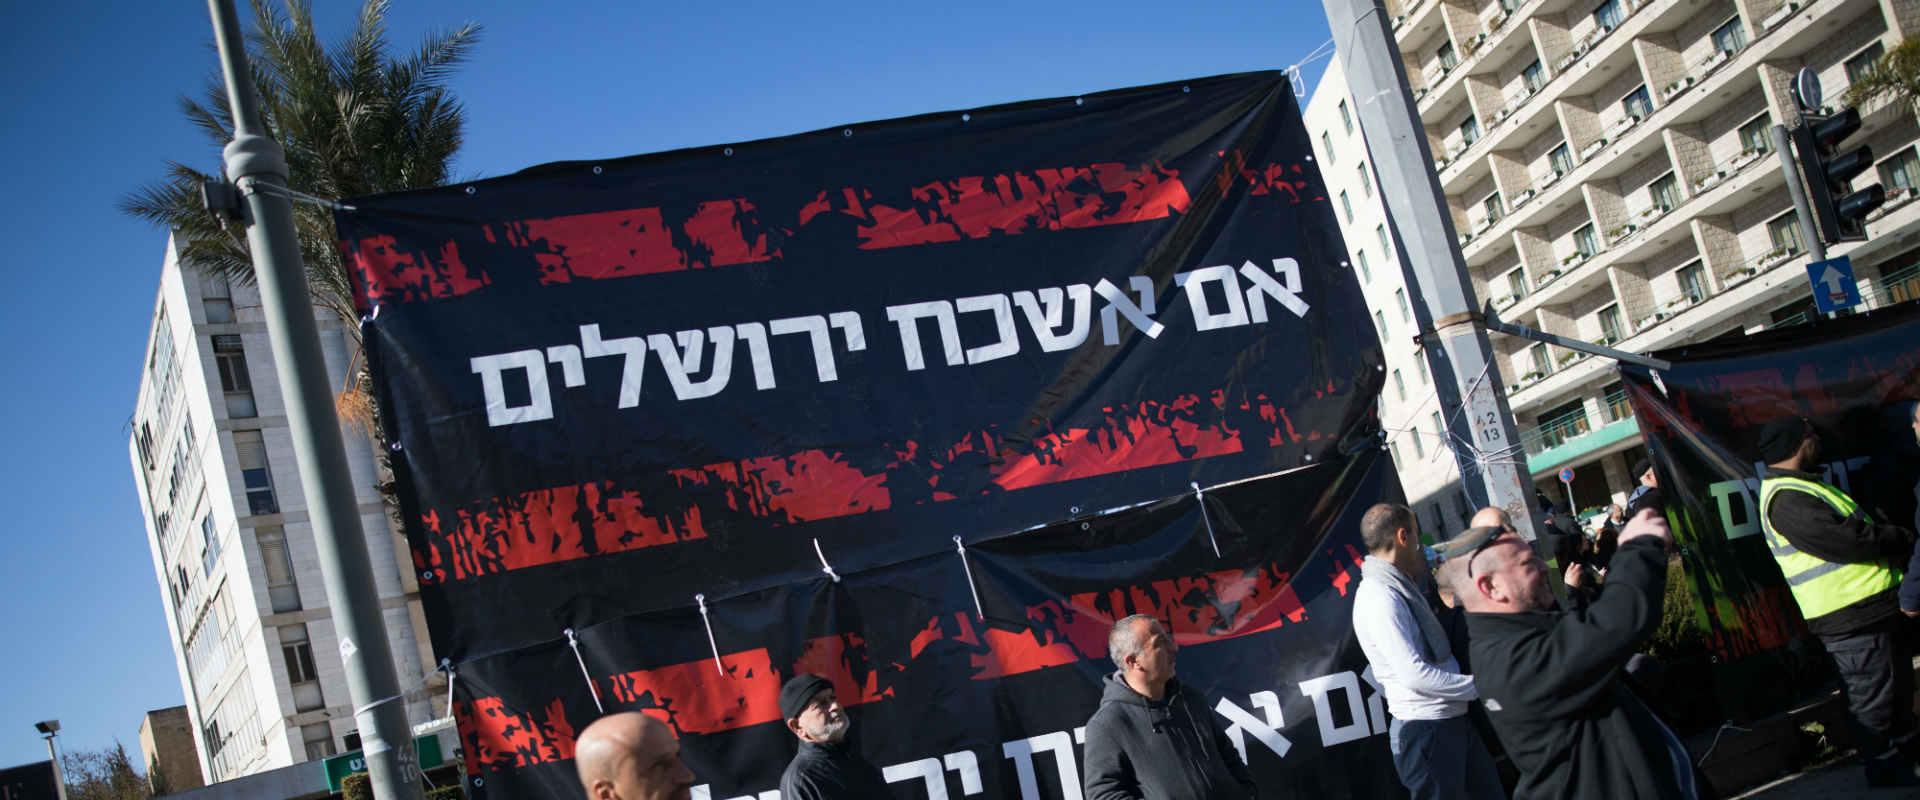 הפגנה להגדלת התקציב של ירושלים